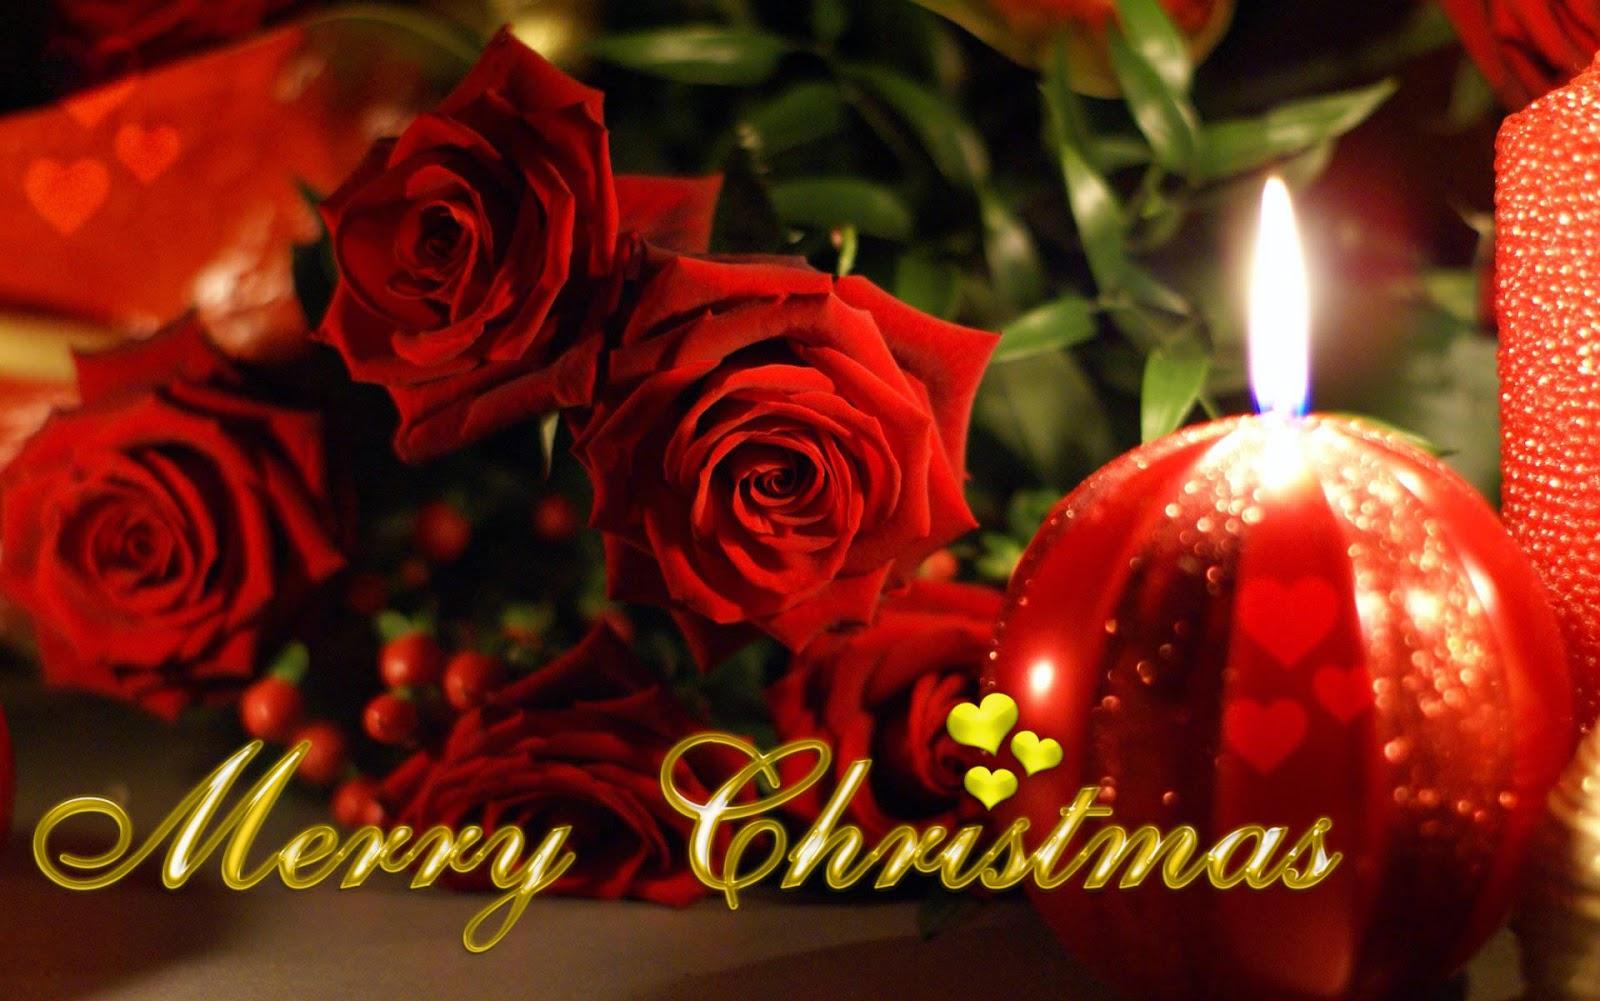 http://3.bp.blogspot.com/-HhCNHQ299Jg/UNkWXpsCyOI/AAAAAAAAFPg/Z8fJSoPDLEs/s1600/merry-christmas-wallpaper.jpg